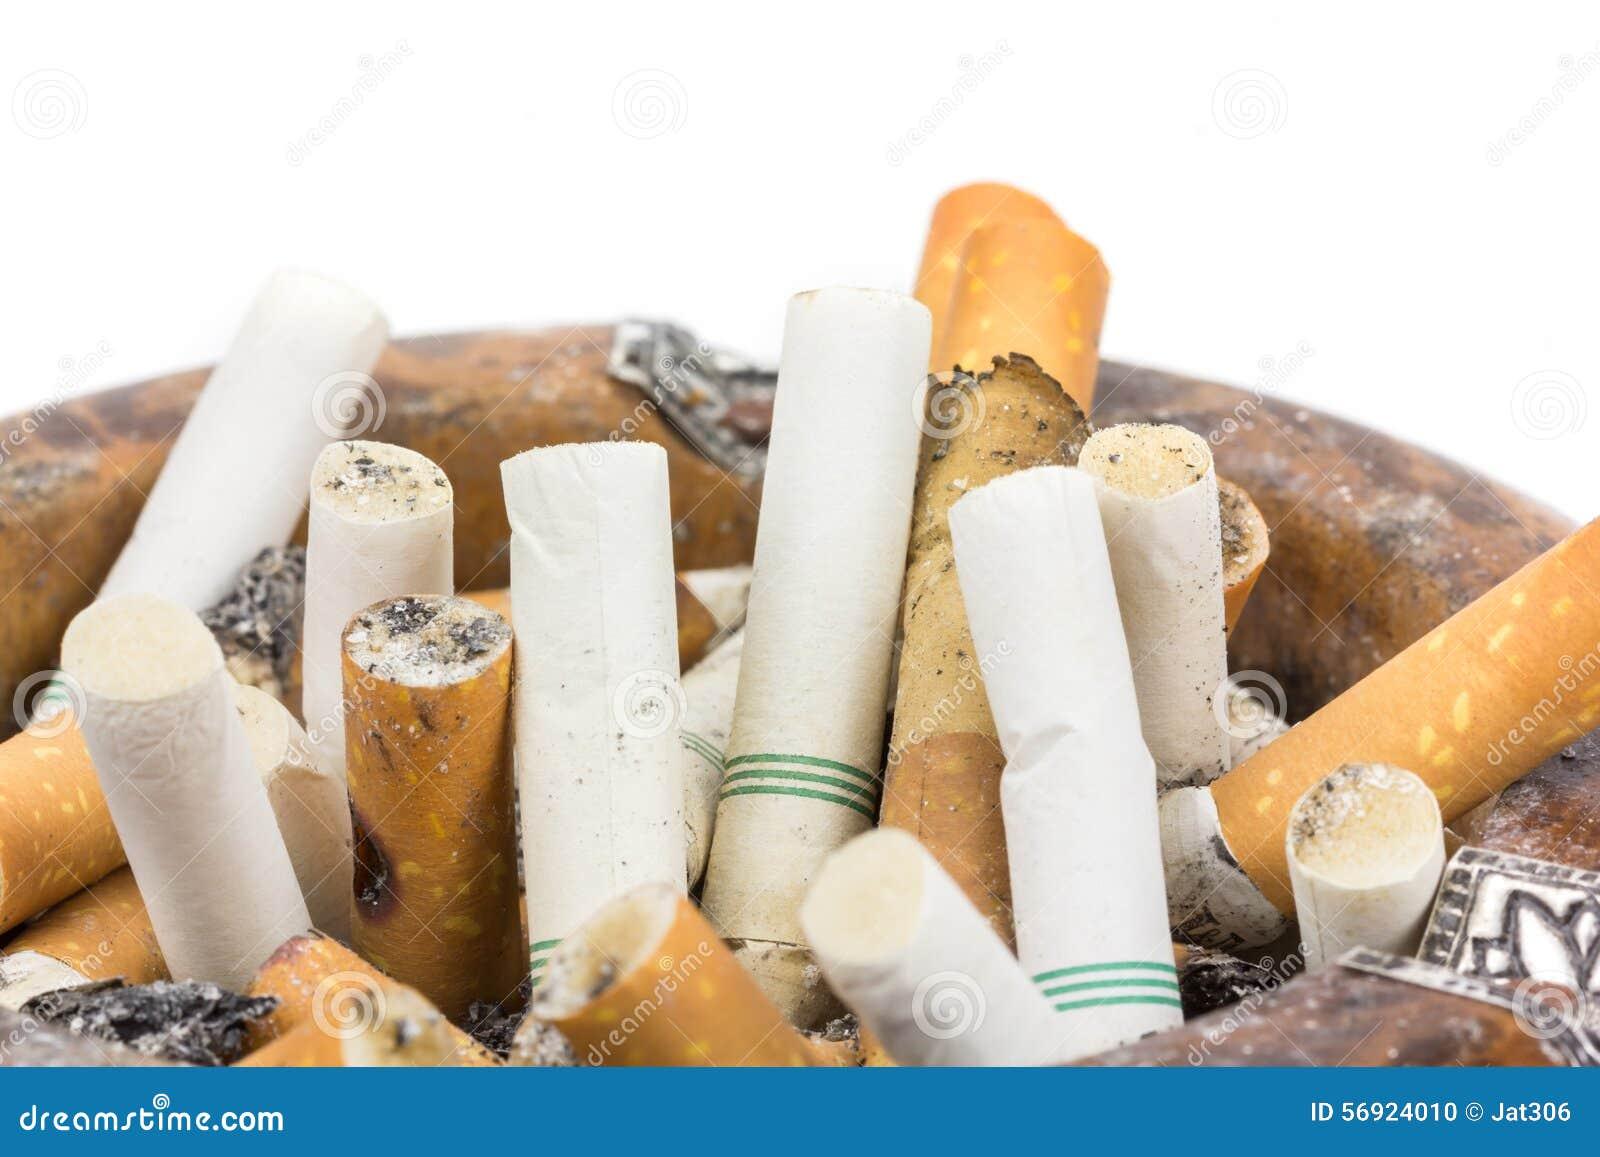 Κλείστε επάνω τα τσιγάρα άκρης ashtray